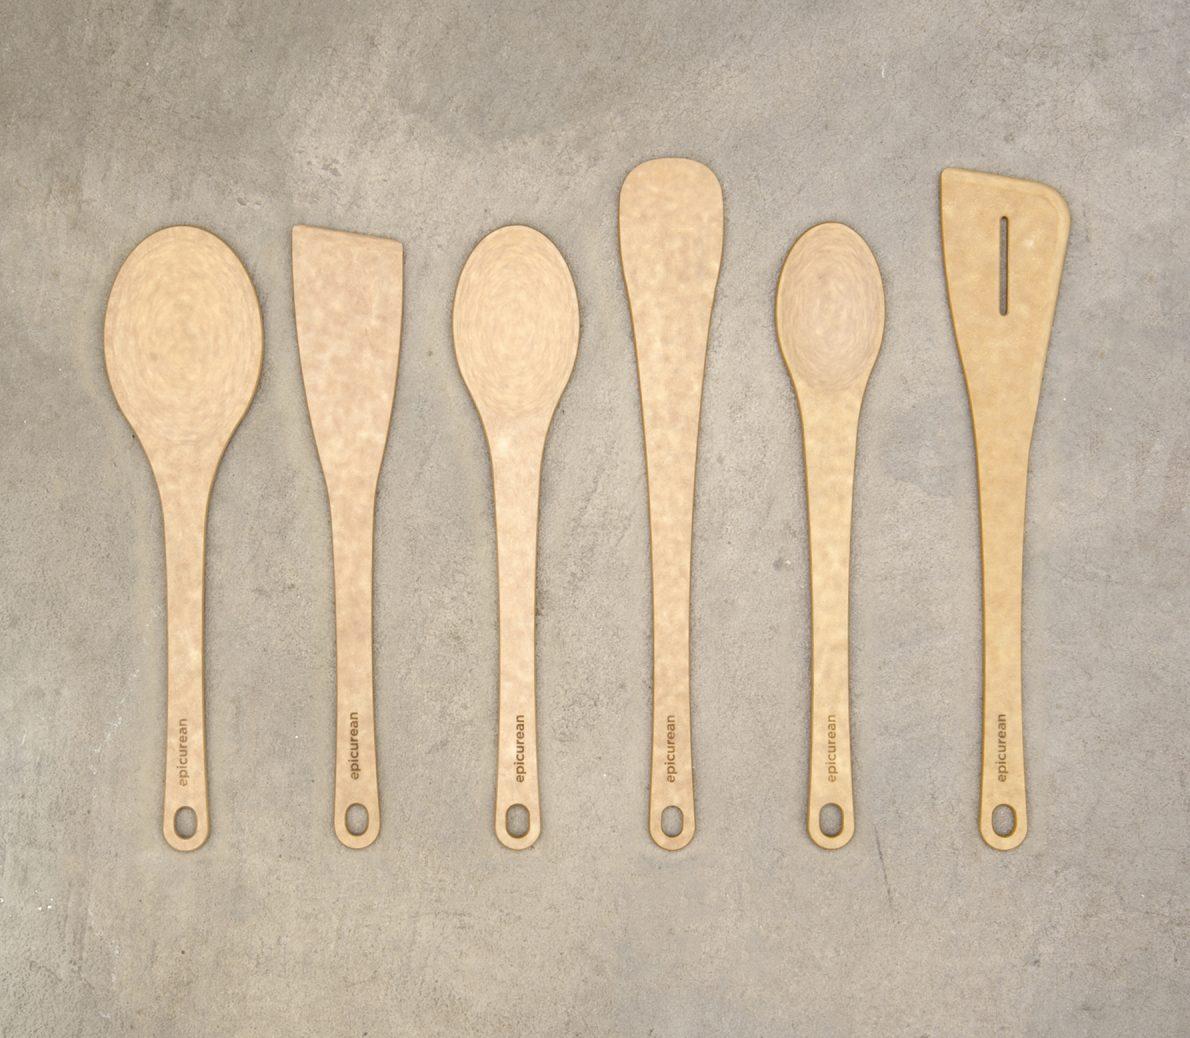 epicurean-utensils-kitchen-series-natural-set-1190x1038.jpg